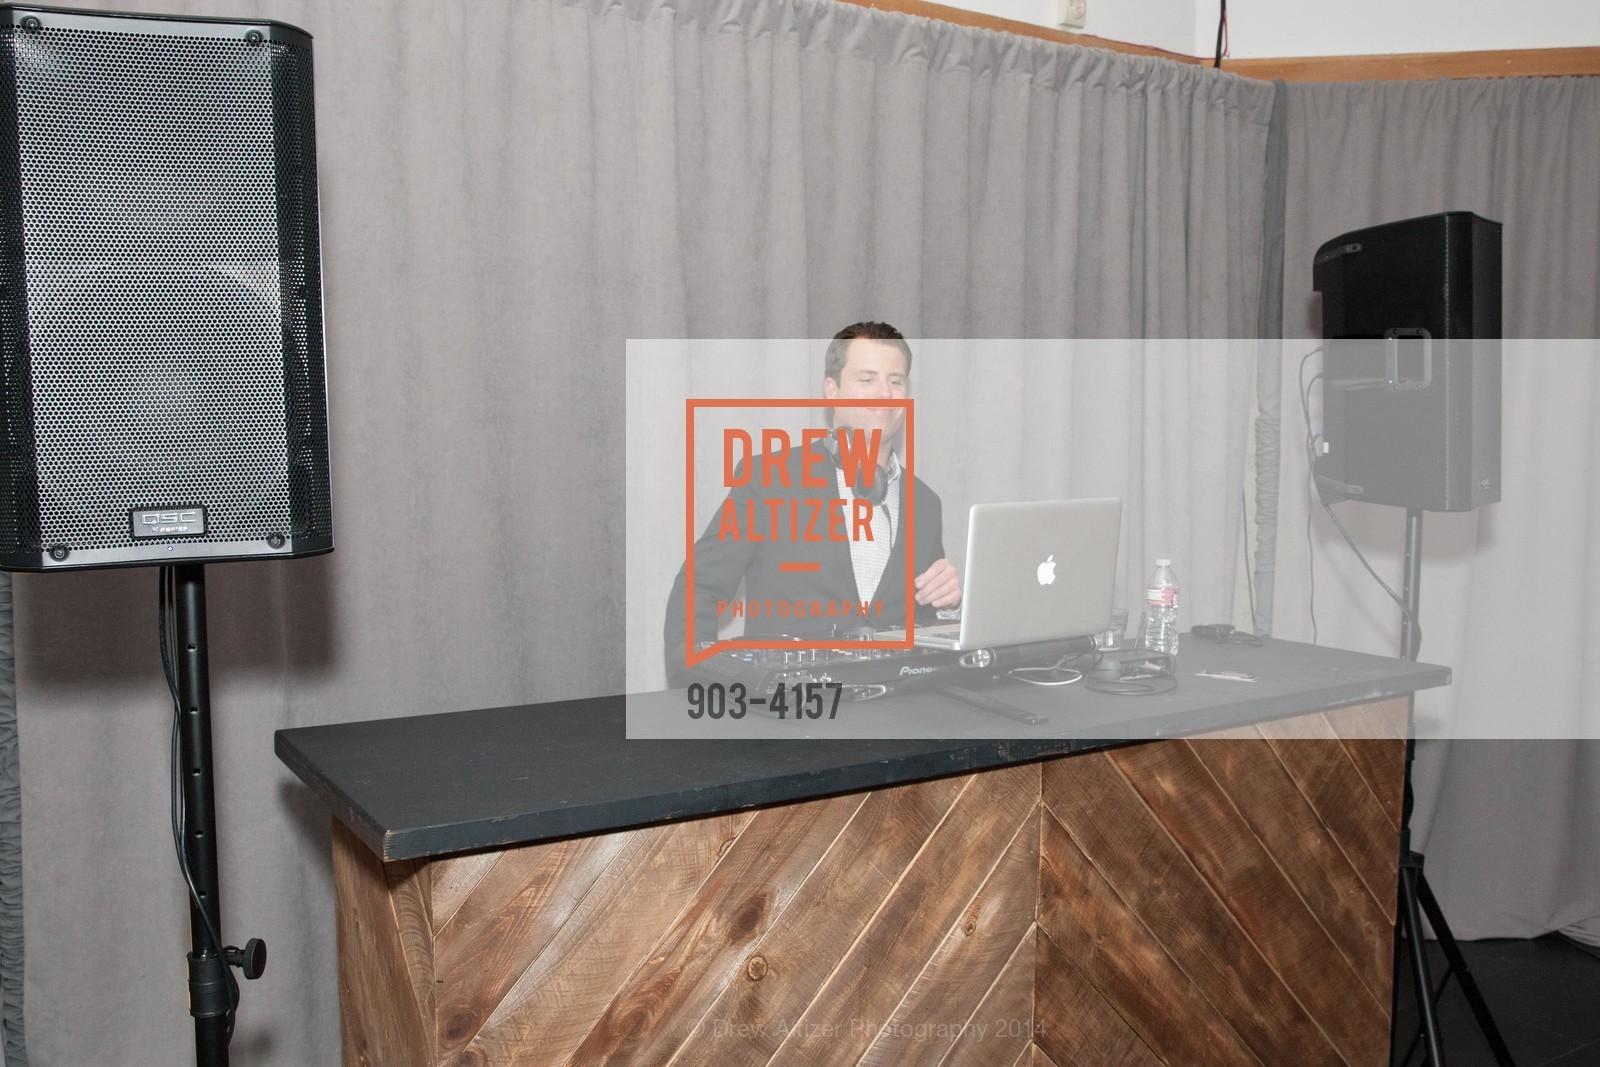 DJ Josh Dukes, Photo #903-4157